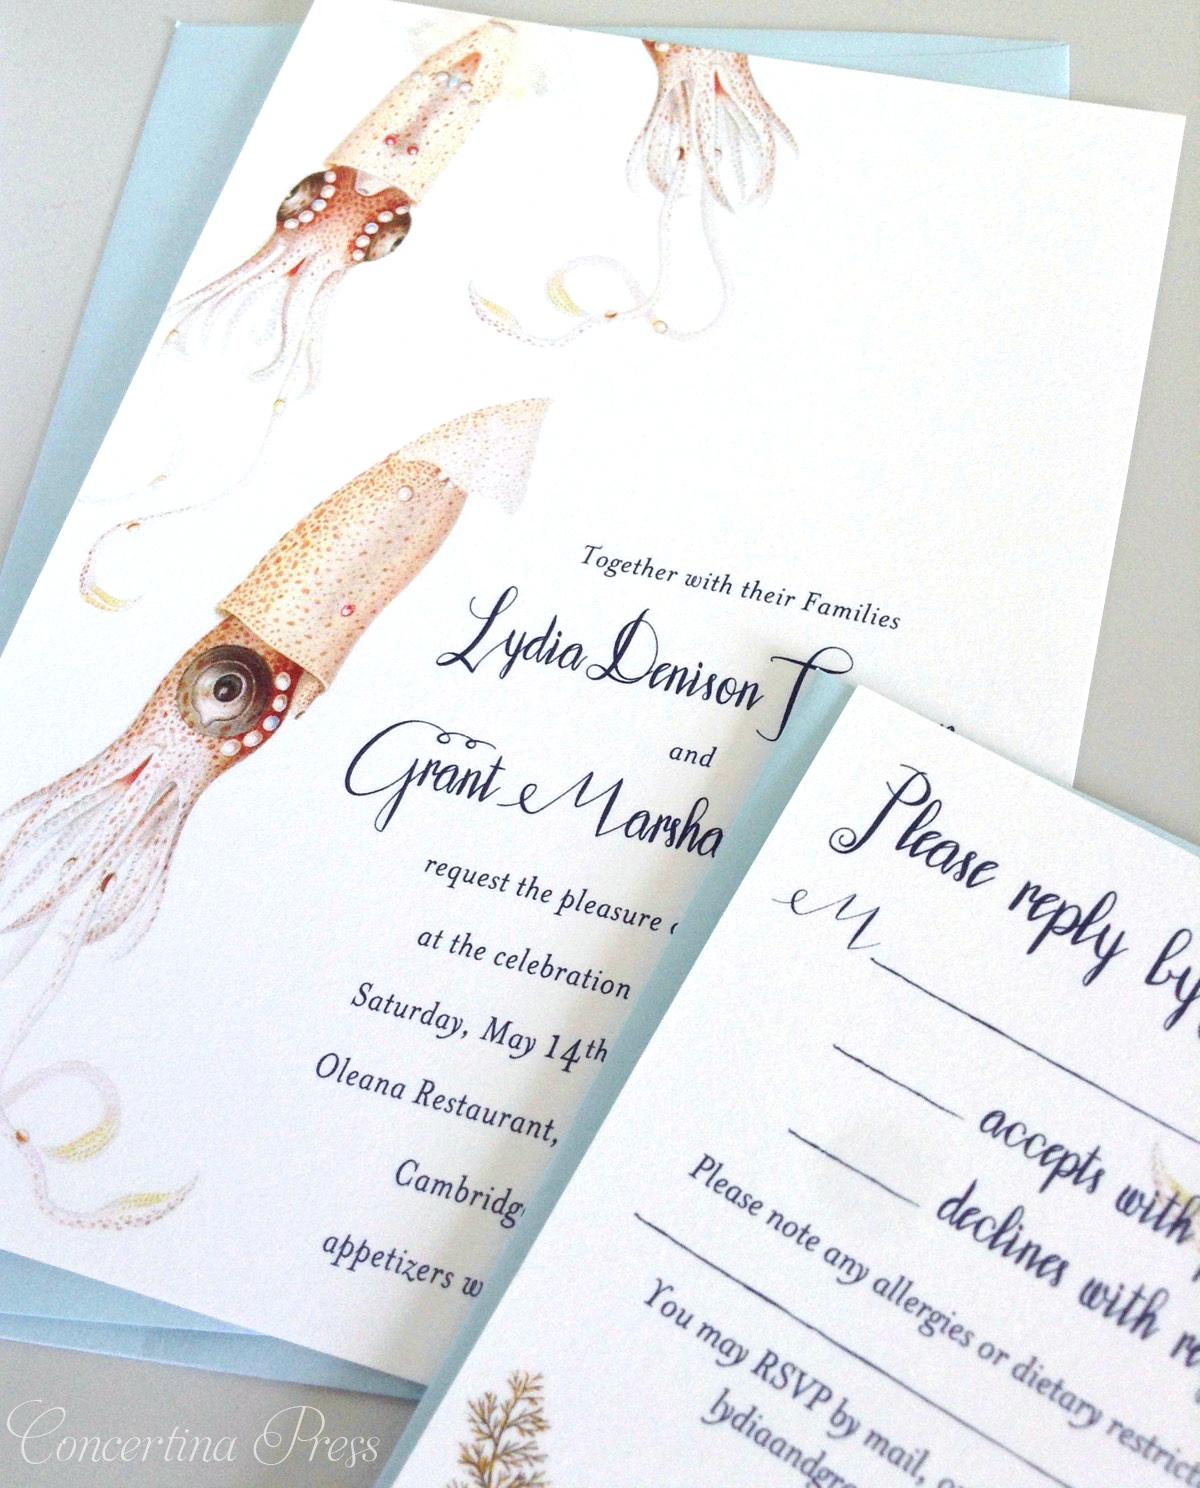 Squid Aquarium Wedding Invitations from Concertina Press